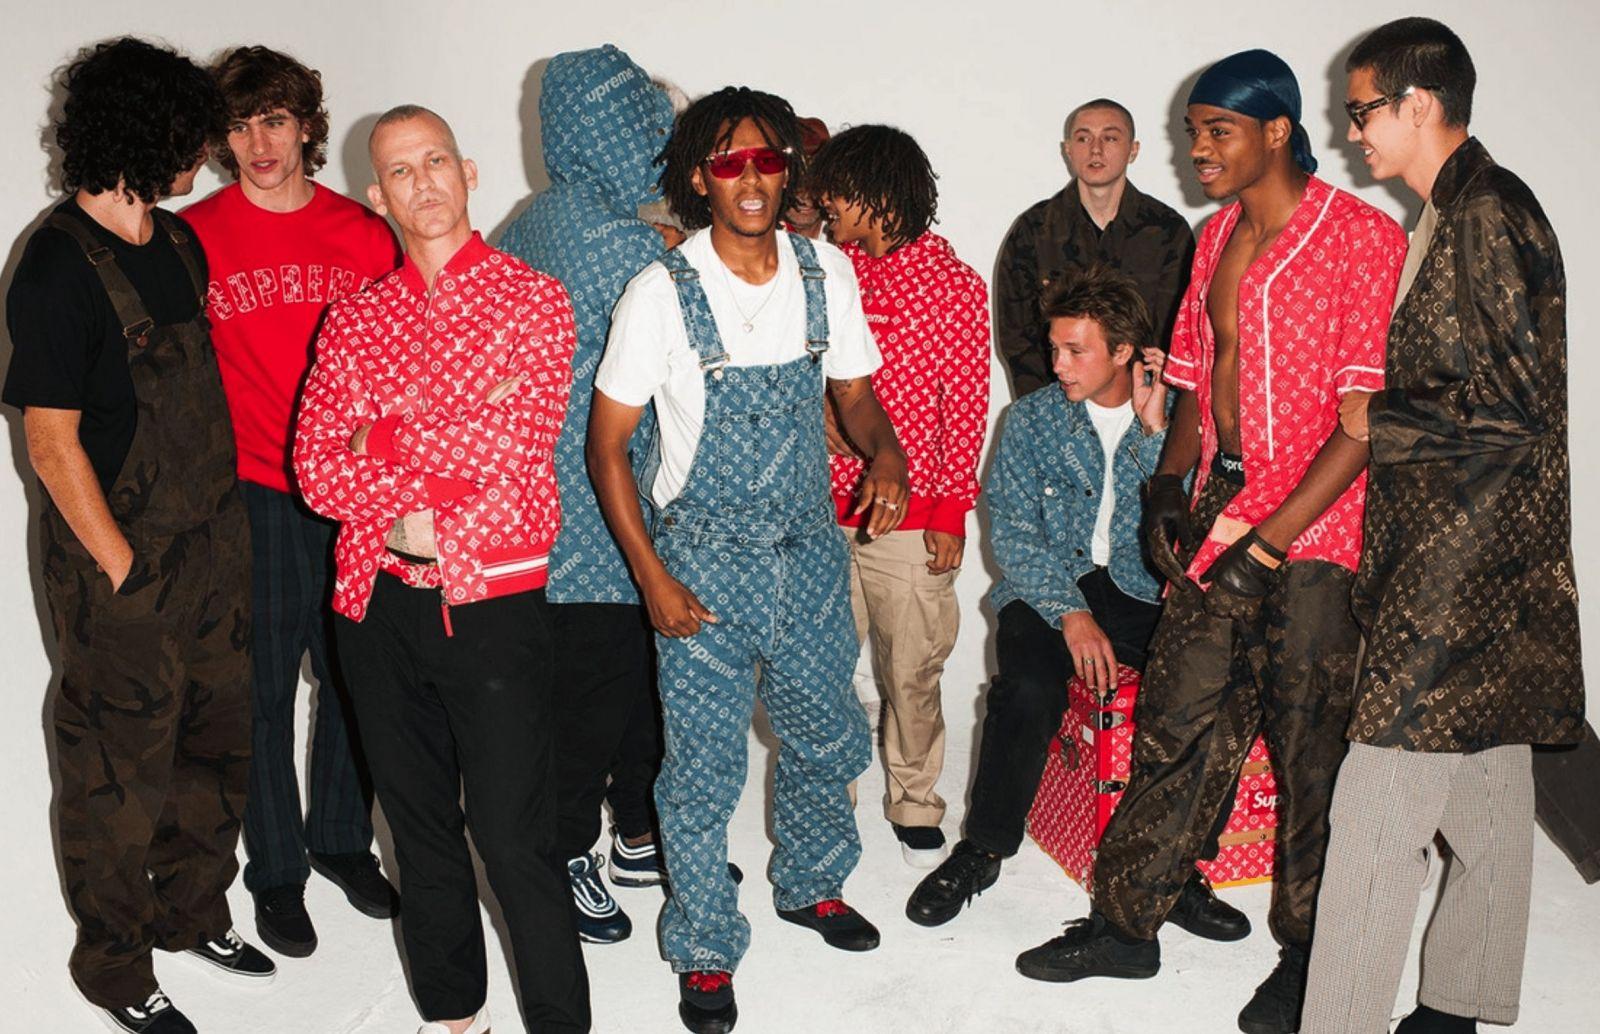 Prečo sa resellujú vybrané kúsky oblečenia za tisíce eur?